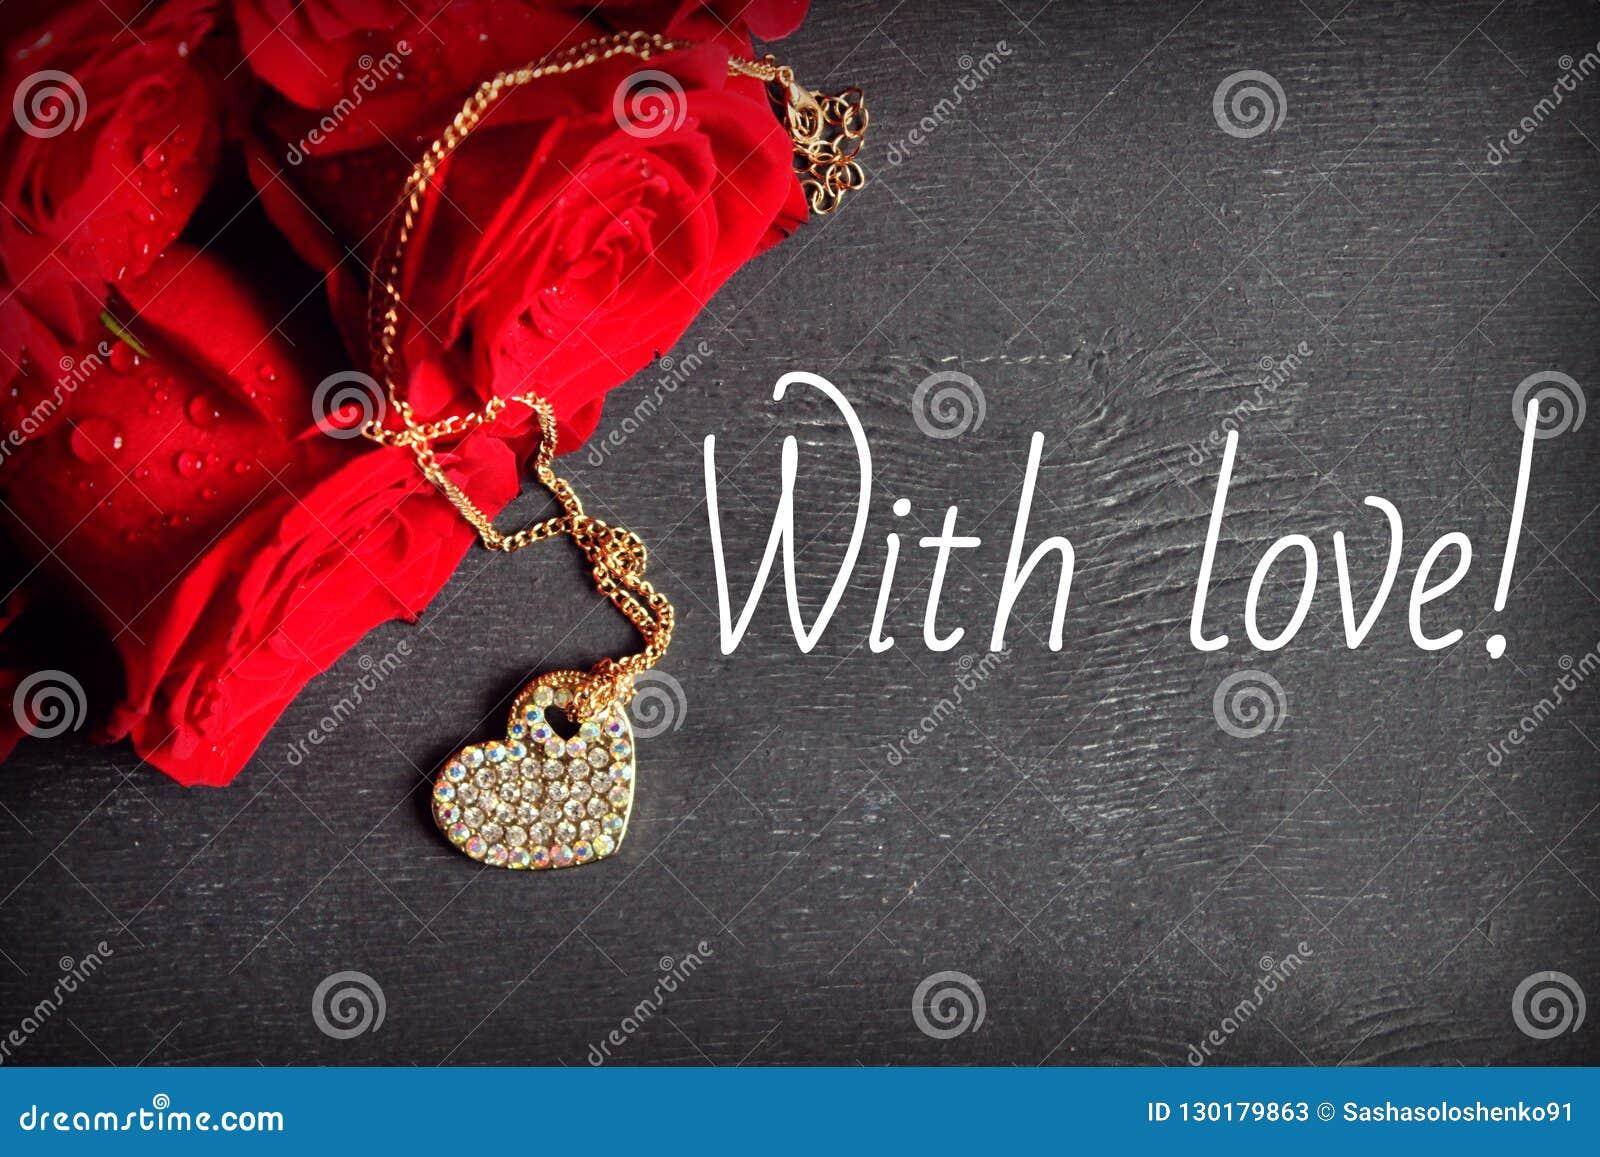 Μια ανθοδέσμη των κόκκινων τριαντάφυλλων και ένα χρυσό μενταγιόν υπό μορφή καρδιάς σε ένα ξύλινο μαύρο υπόβαθρο